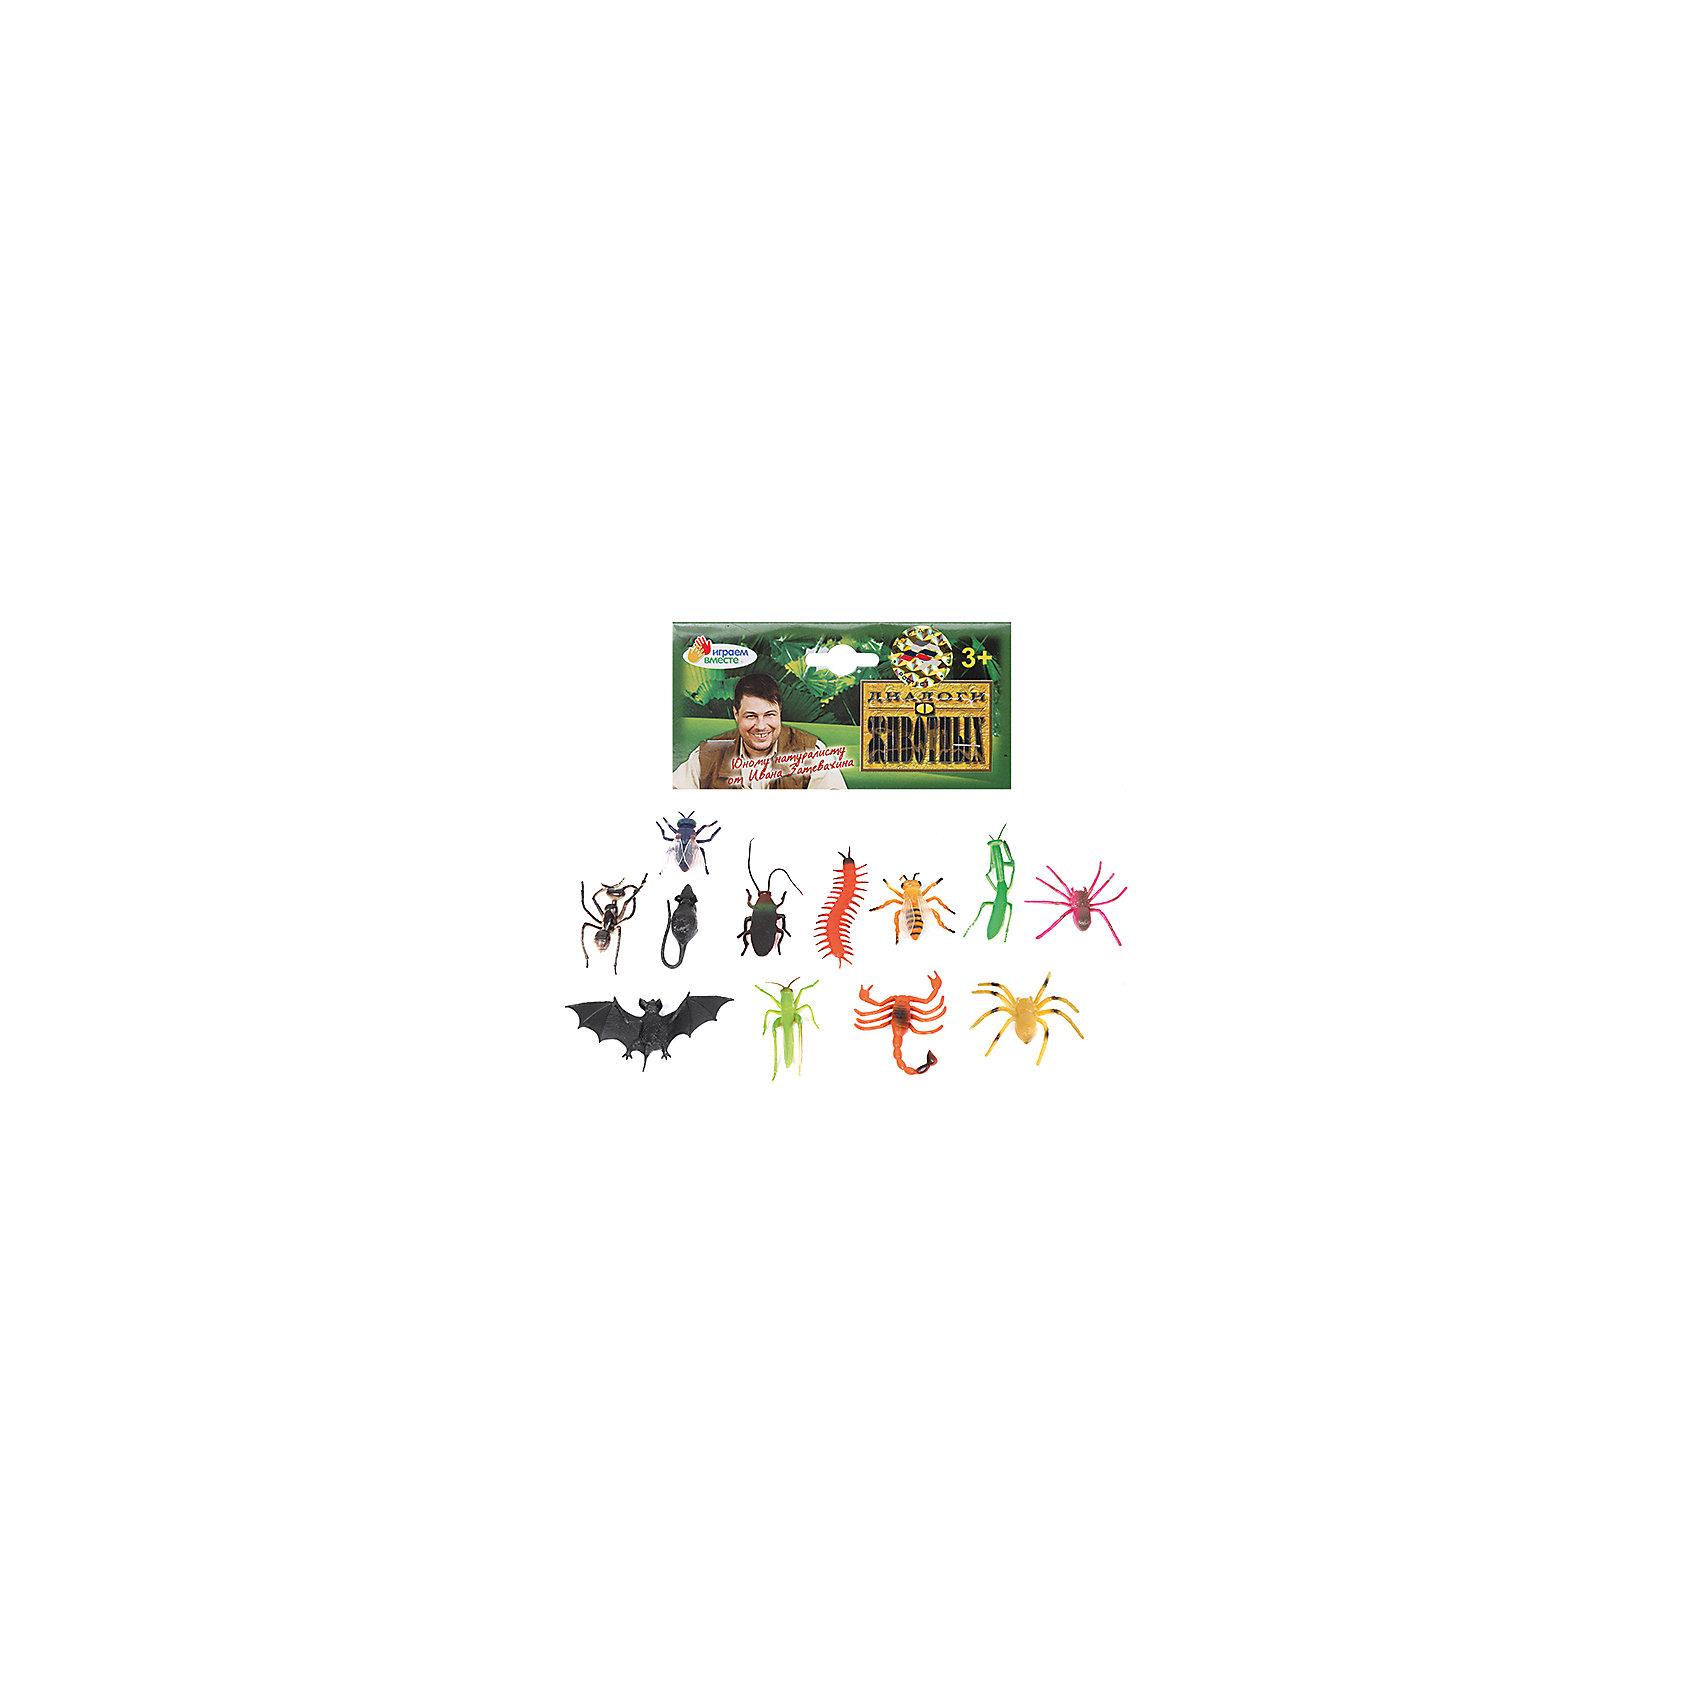 Набор из 12-и насекомых, Играем вместеЯркий набор из двенадцати насекомых непременно порадует юного зоолога.<br><br>Дополнительная информация:<br><br>- Возраст: от 1 года.<br>- Кол-во насекомых:12 шт.<br>- Материал: пластик, силикон.<br>- Размер упаковки: 3х14х17 см.<br>- Вес в упаковке: 100 г.<br><br>Купить набор из 12-ти насекомых Играем вместе можно в нашем магазине.<br><br>Ширина мм: 30<br>Глубина мм: 140<br>Высота мм: 170<br>Вес г: 100<br>Возраст от месяцев: 12<br>Возраст до месяцев: 48<br>Пол: Унисекс<br>Возраст: Детский<br>SKU: 4891768